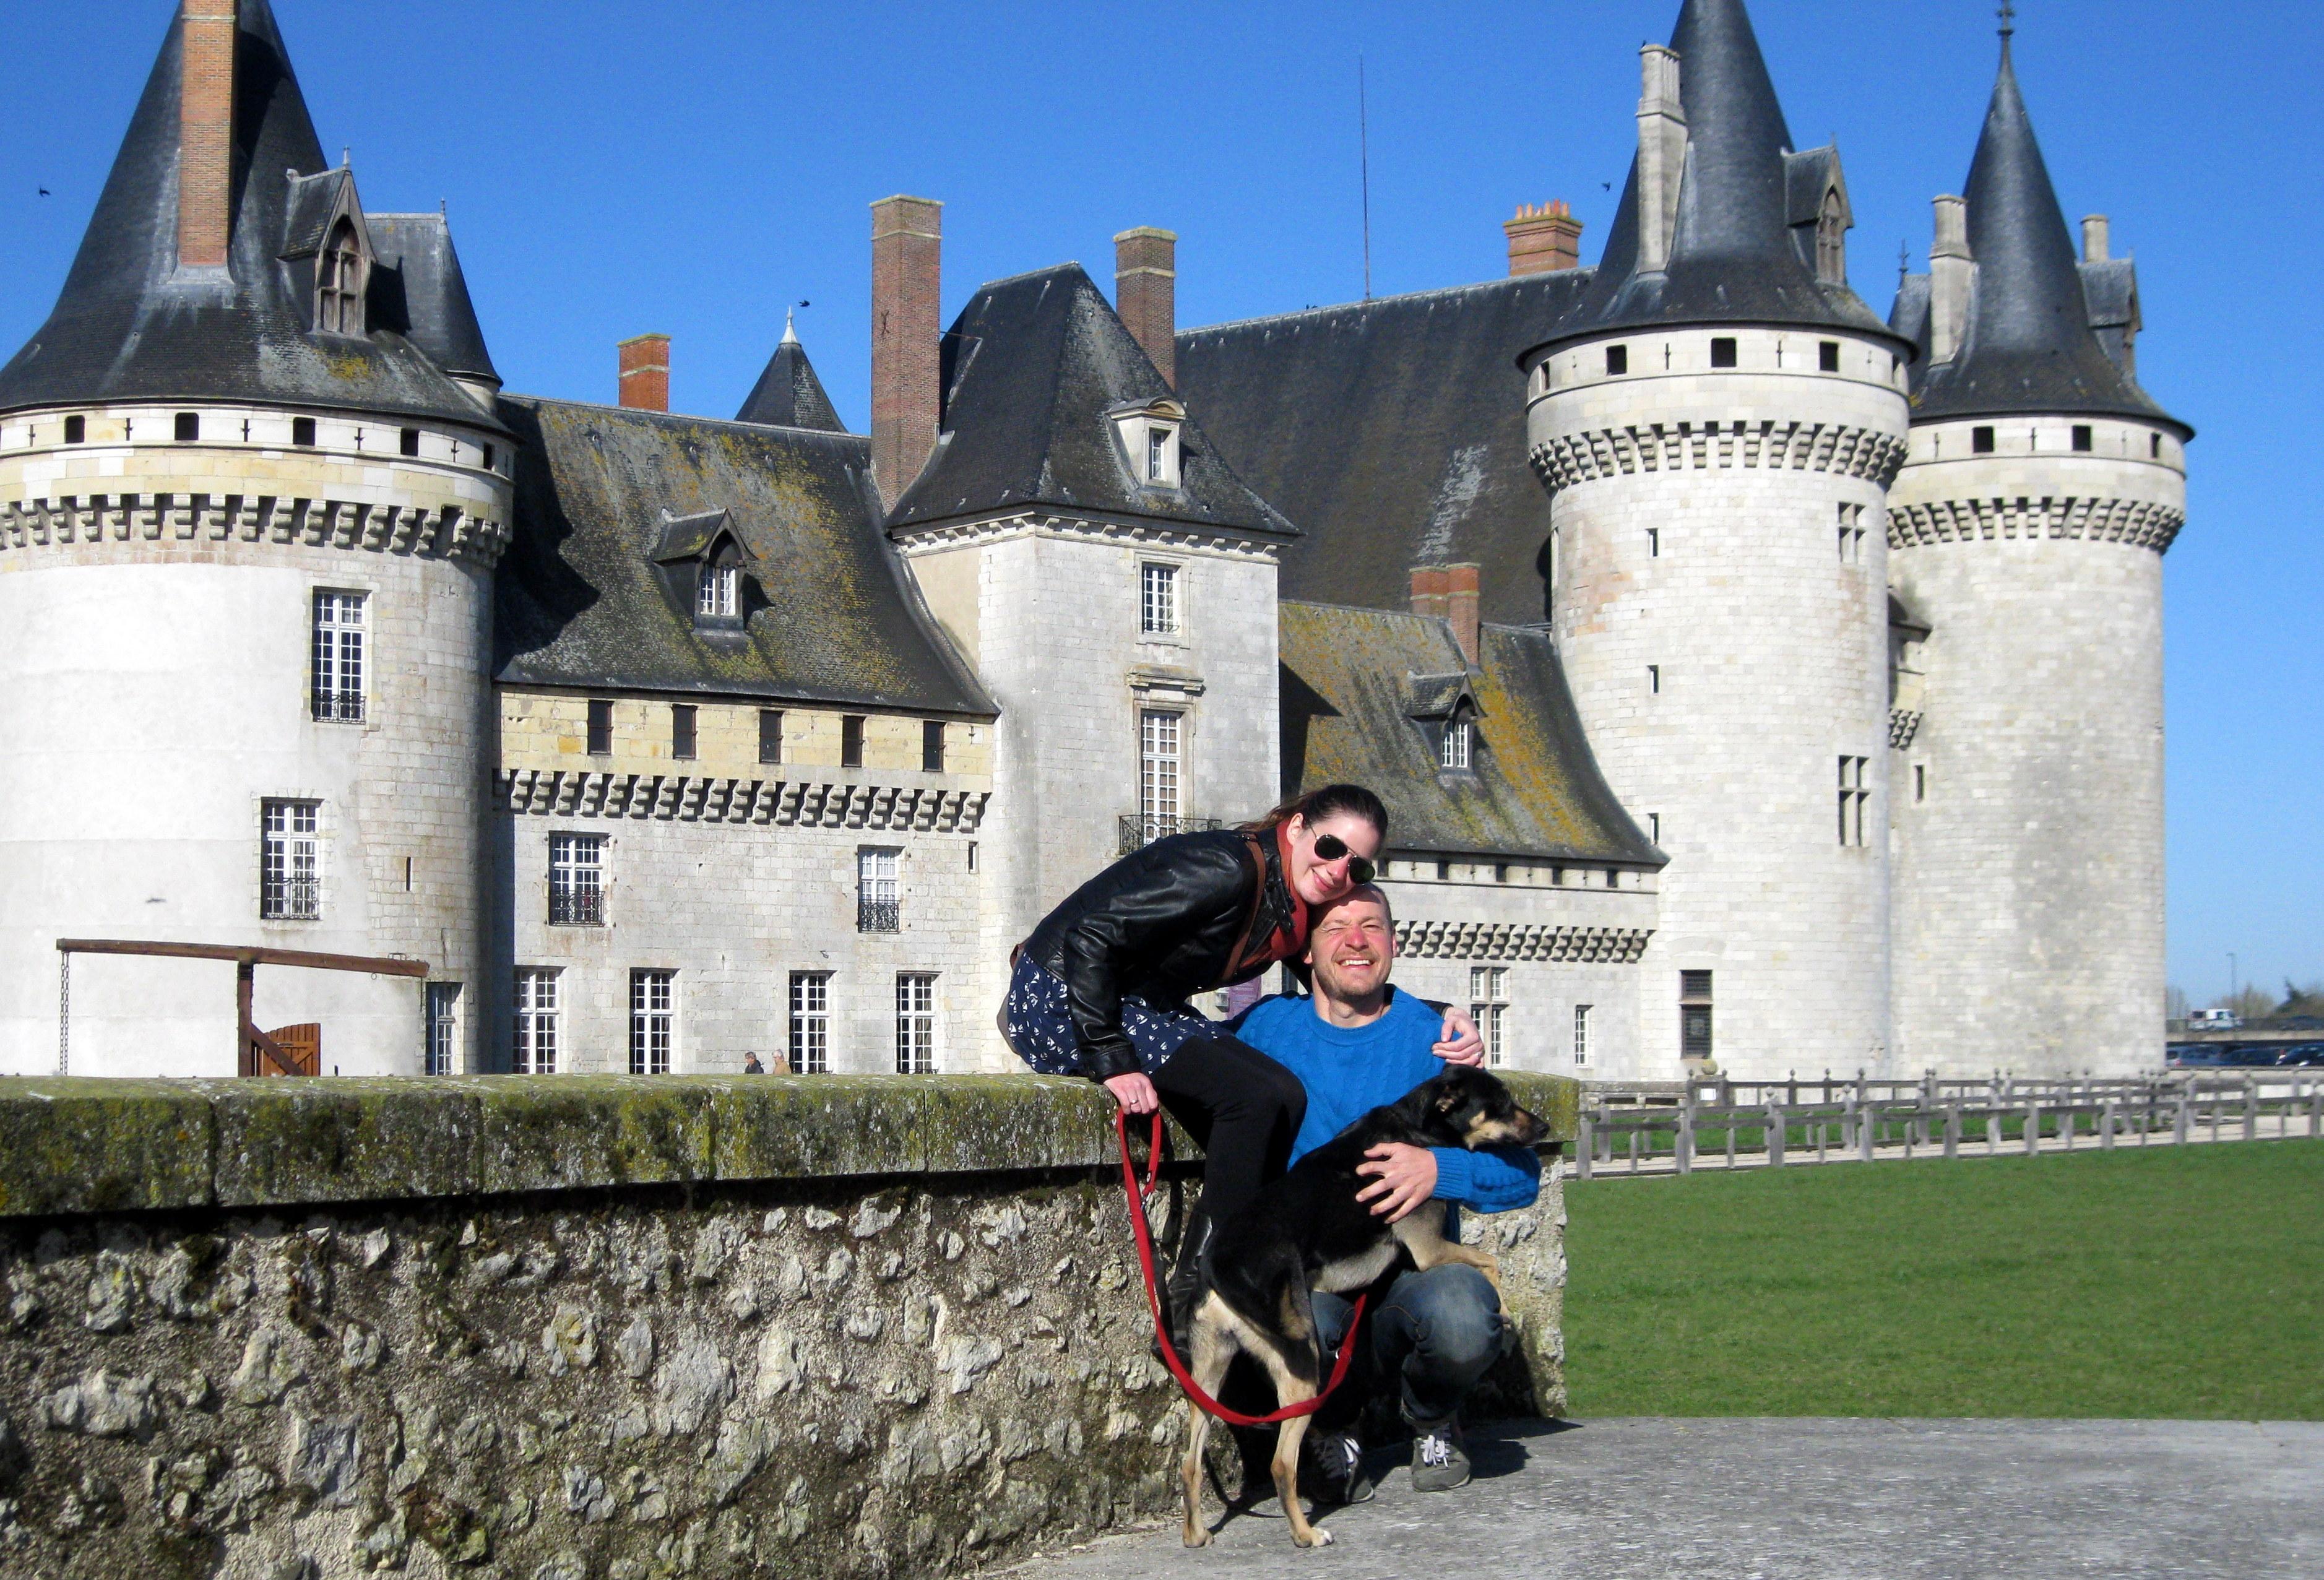 Sully Sur Loire Foot Château in Sully-sur-loire